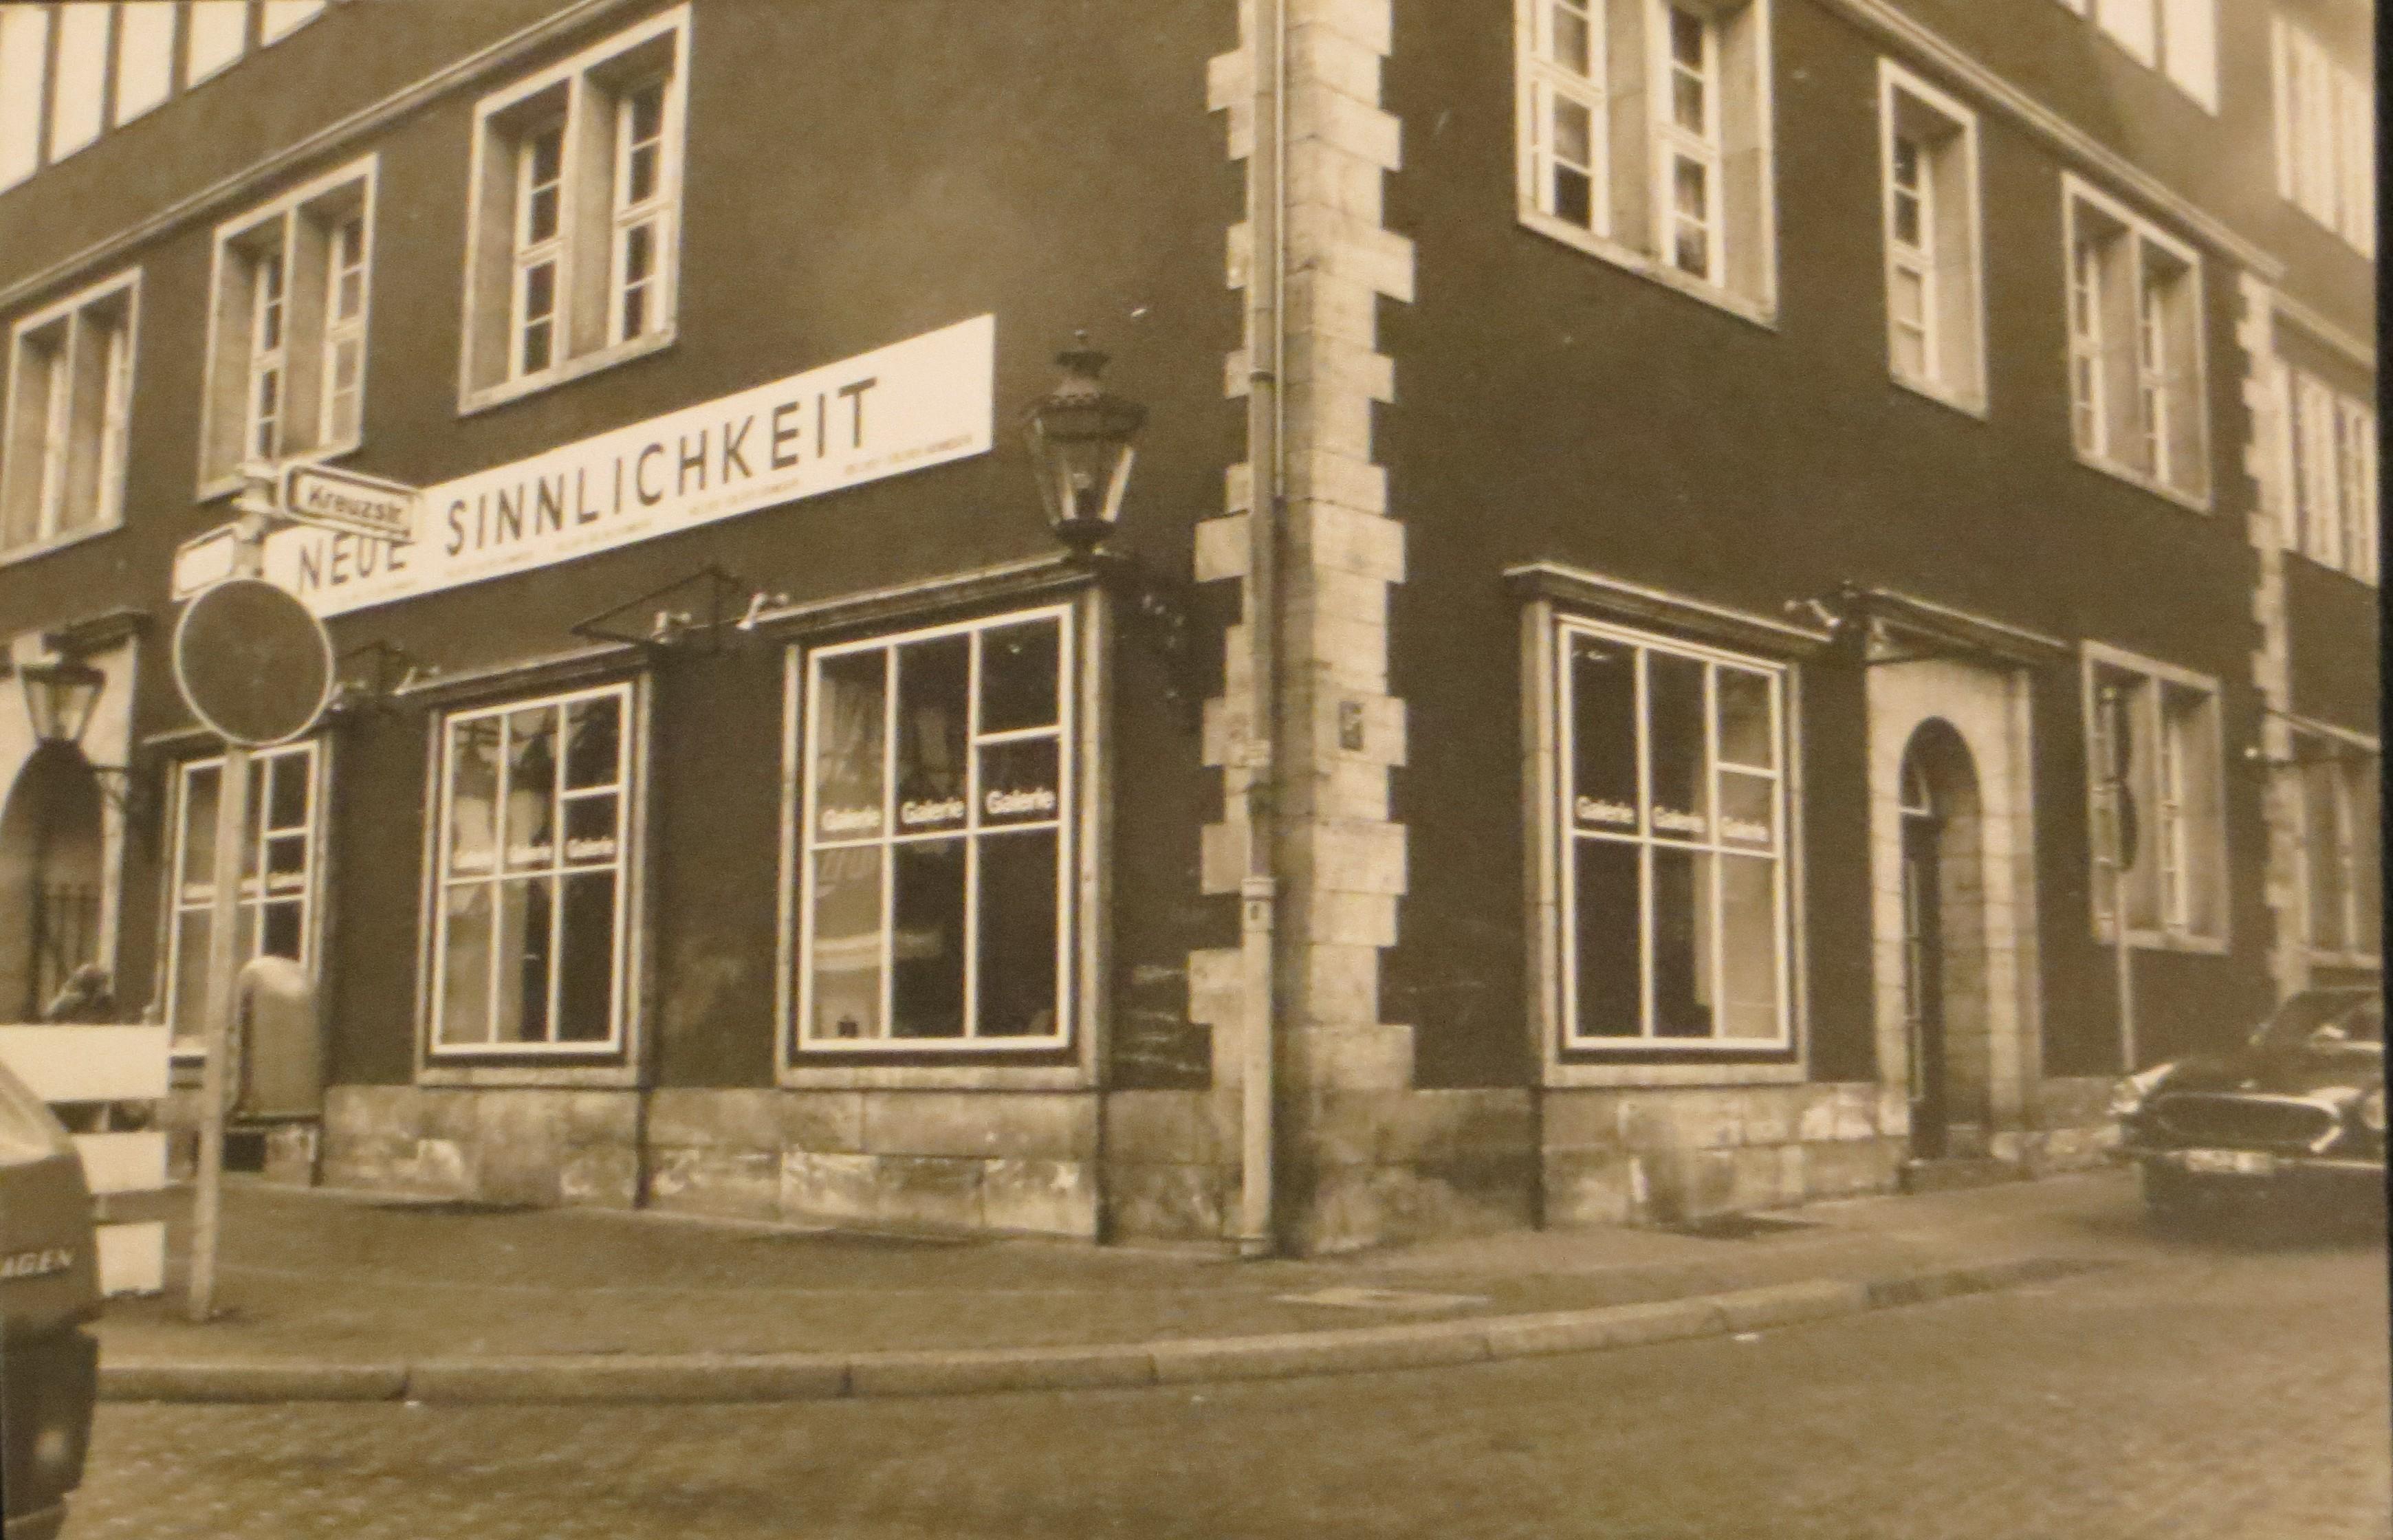 Ballhof-Galerie Hannover von Dietmar Moews 1980, Hannover Altstadt Ballhoftstraße 8